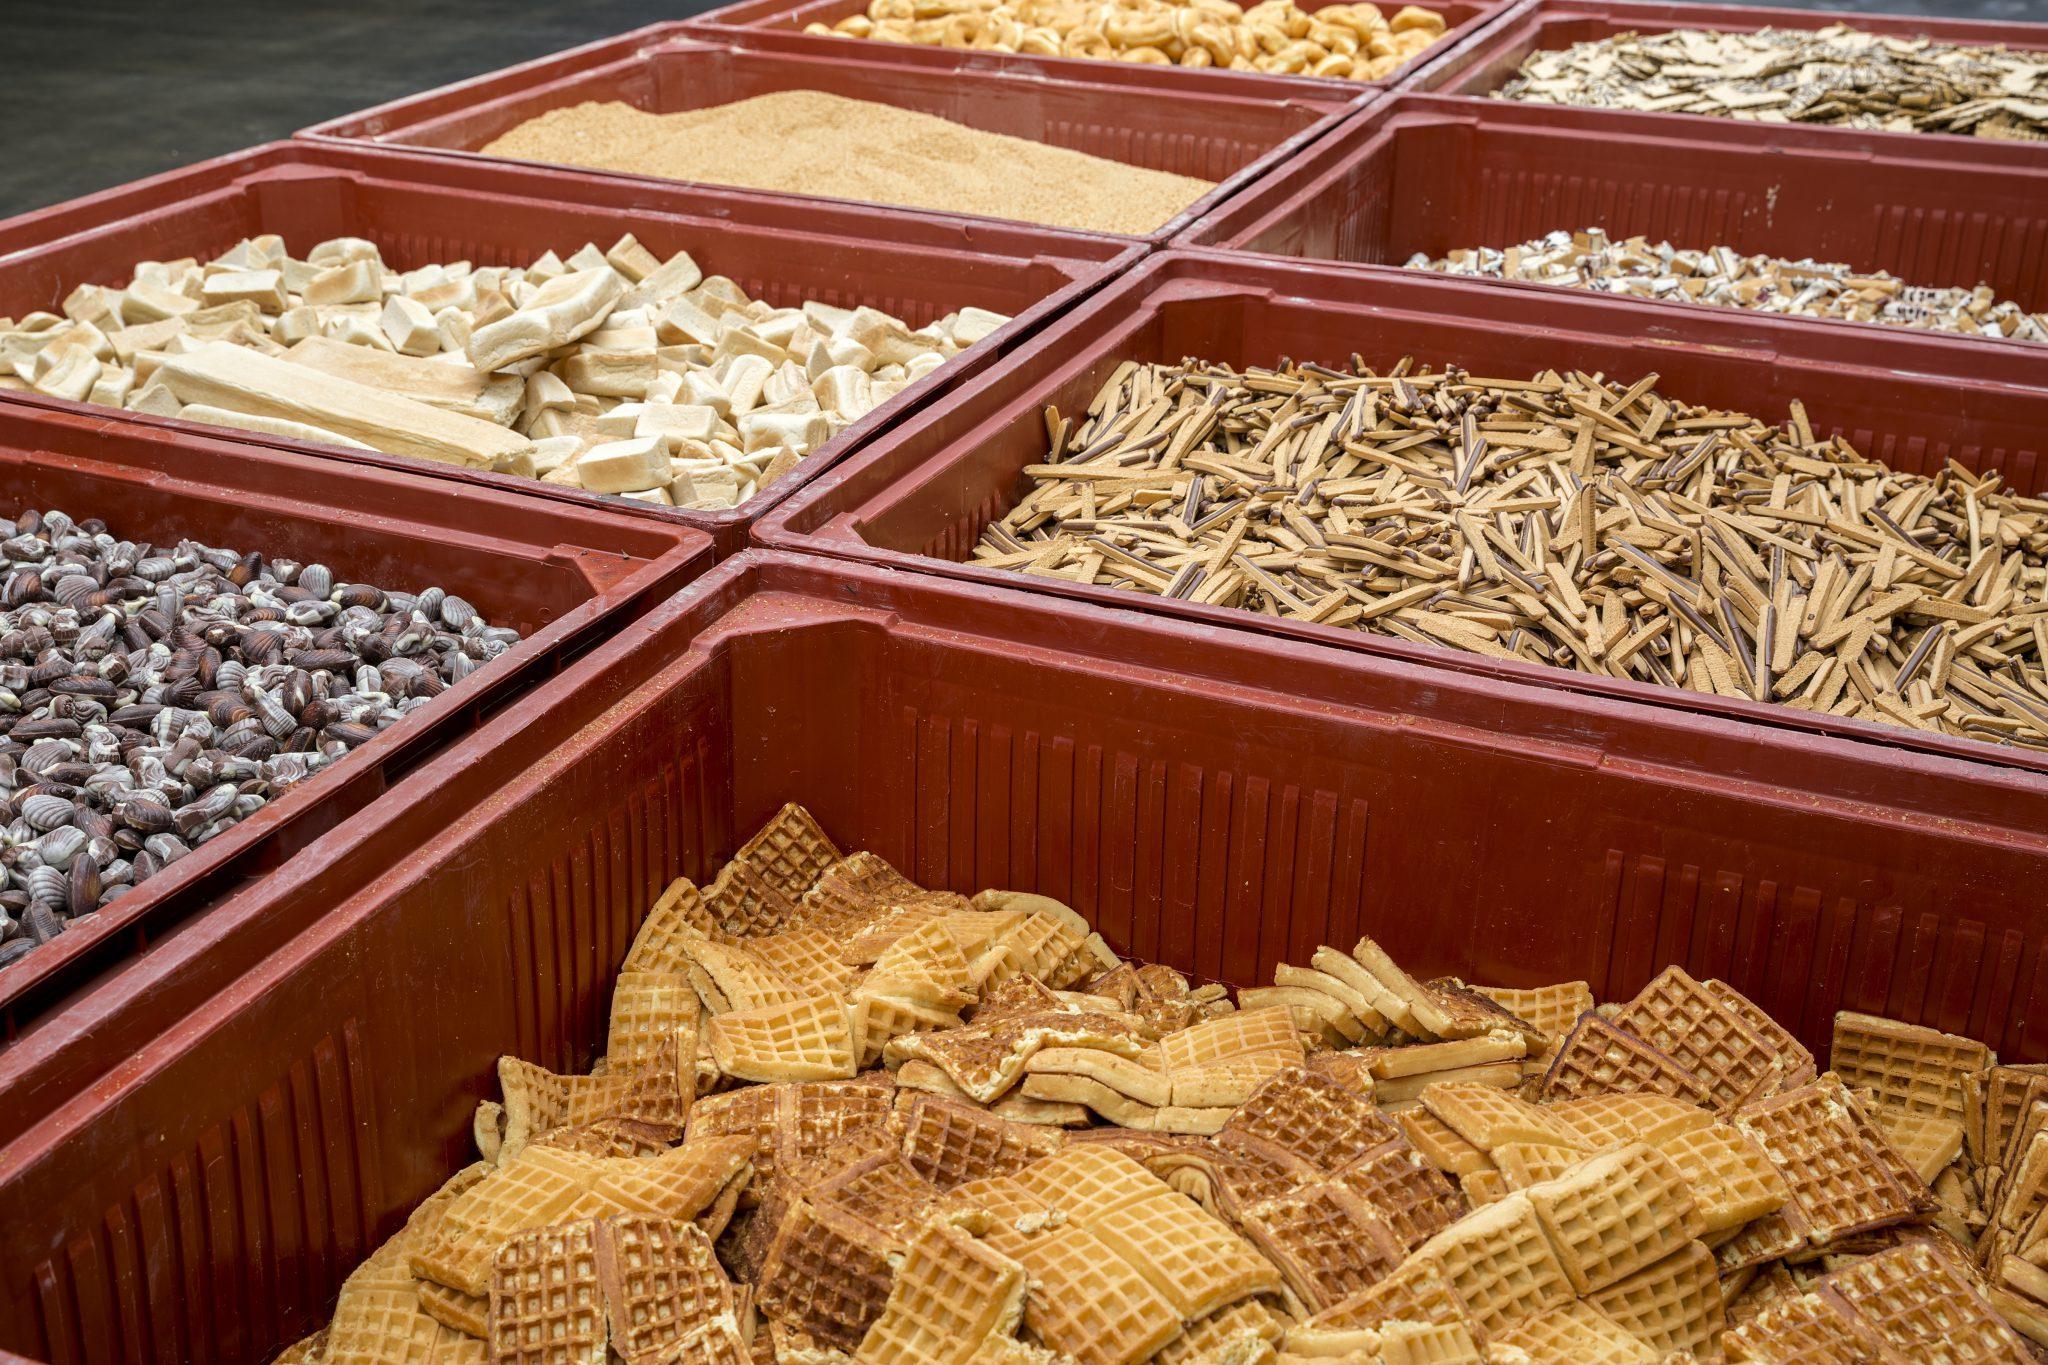 nijsen granico verwerkt nevenproducten zoals koek snoep en deegwaren tot hoogwaardige food for feed grondstoffen